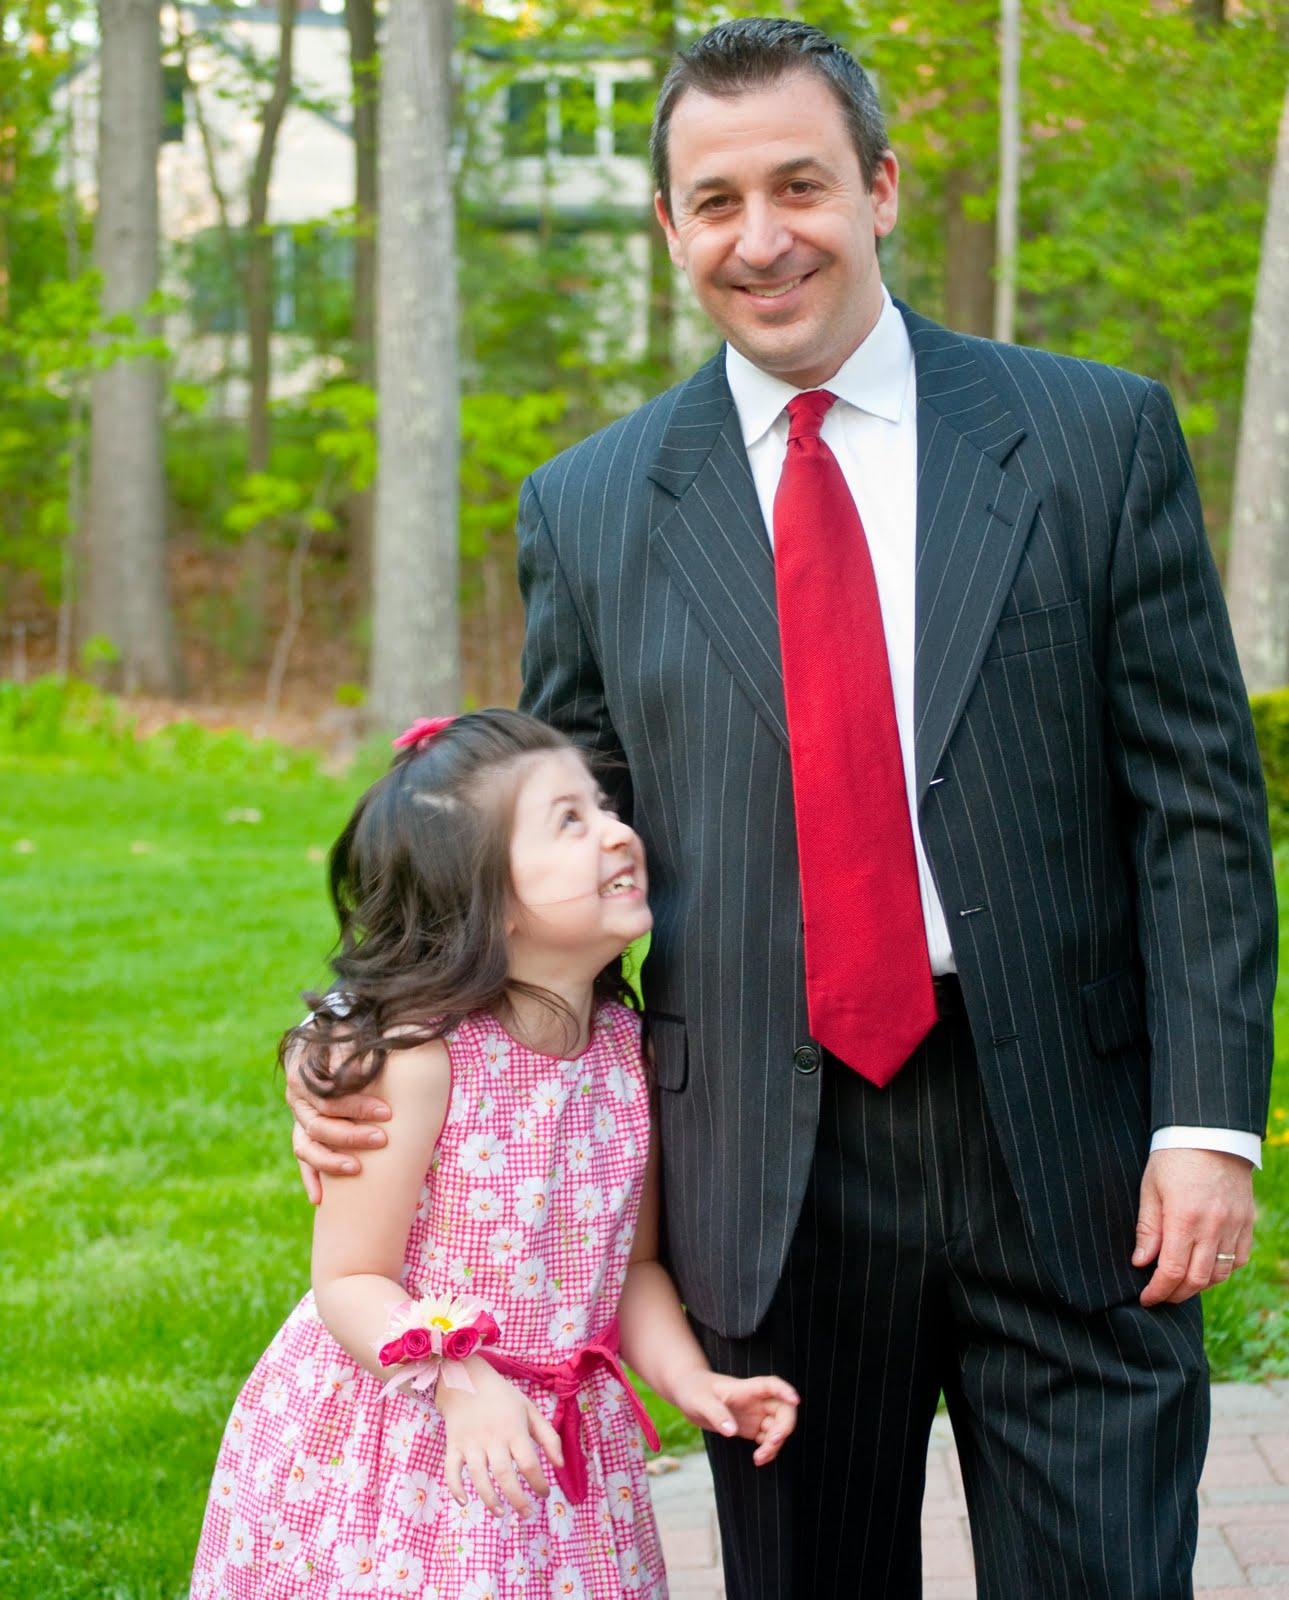 Daddies little girl